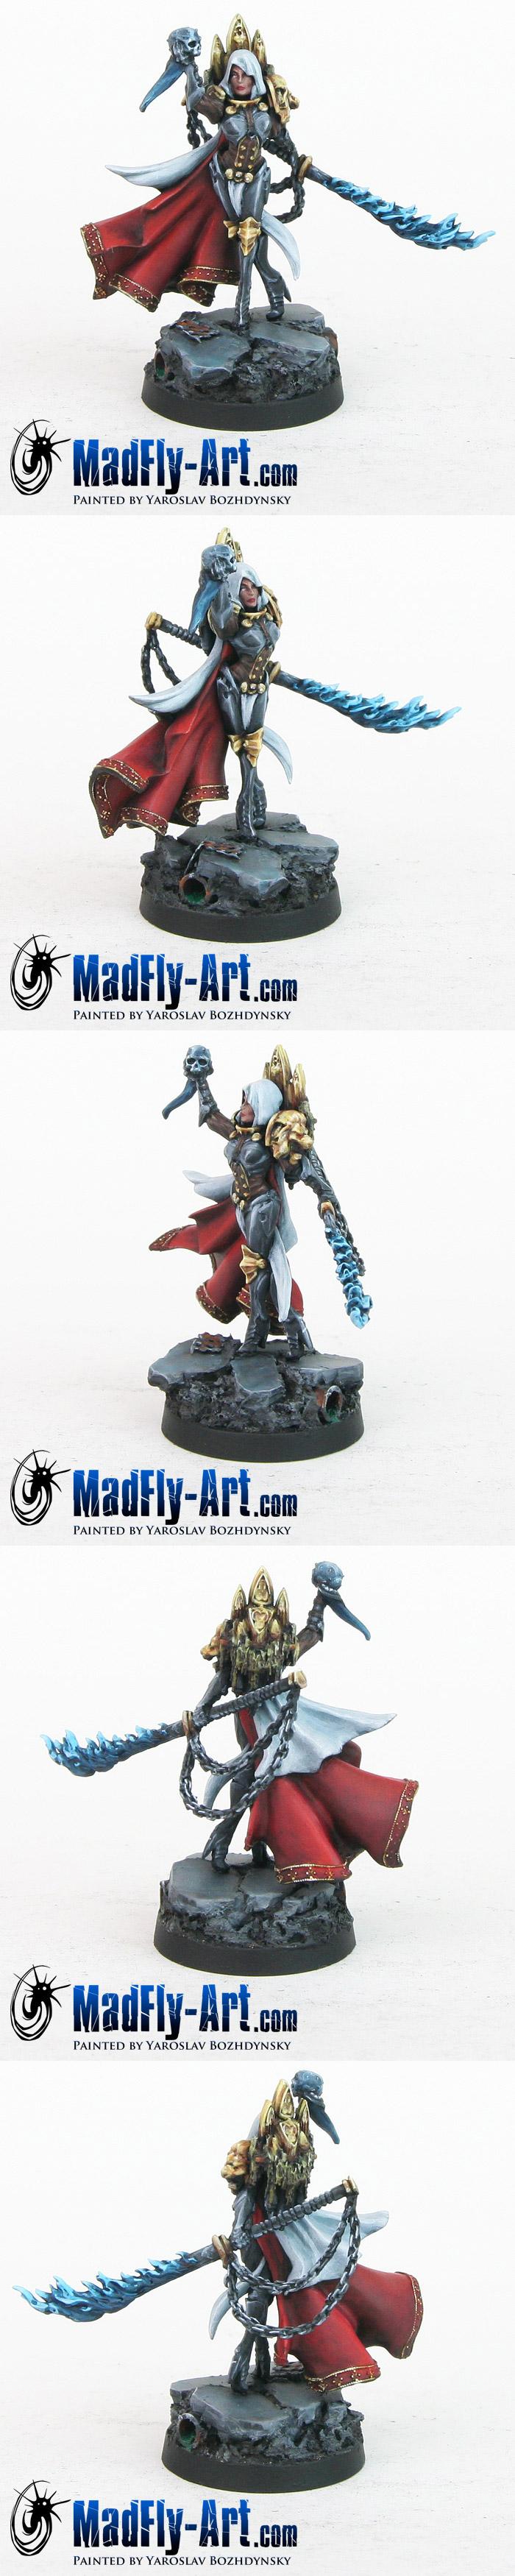 Reyallia, Sanctifier of the First Legion